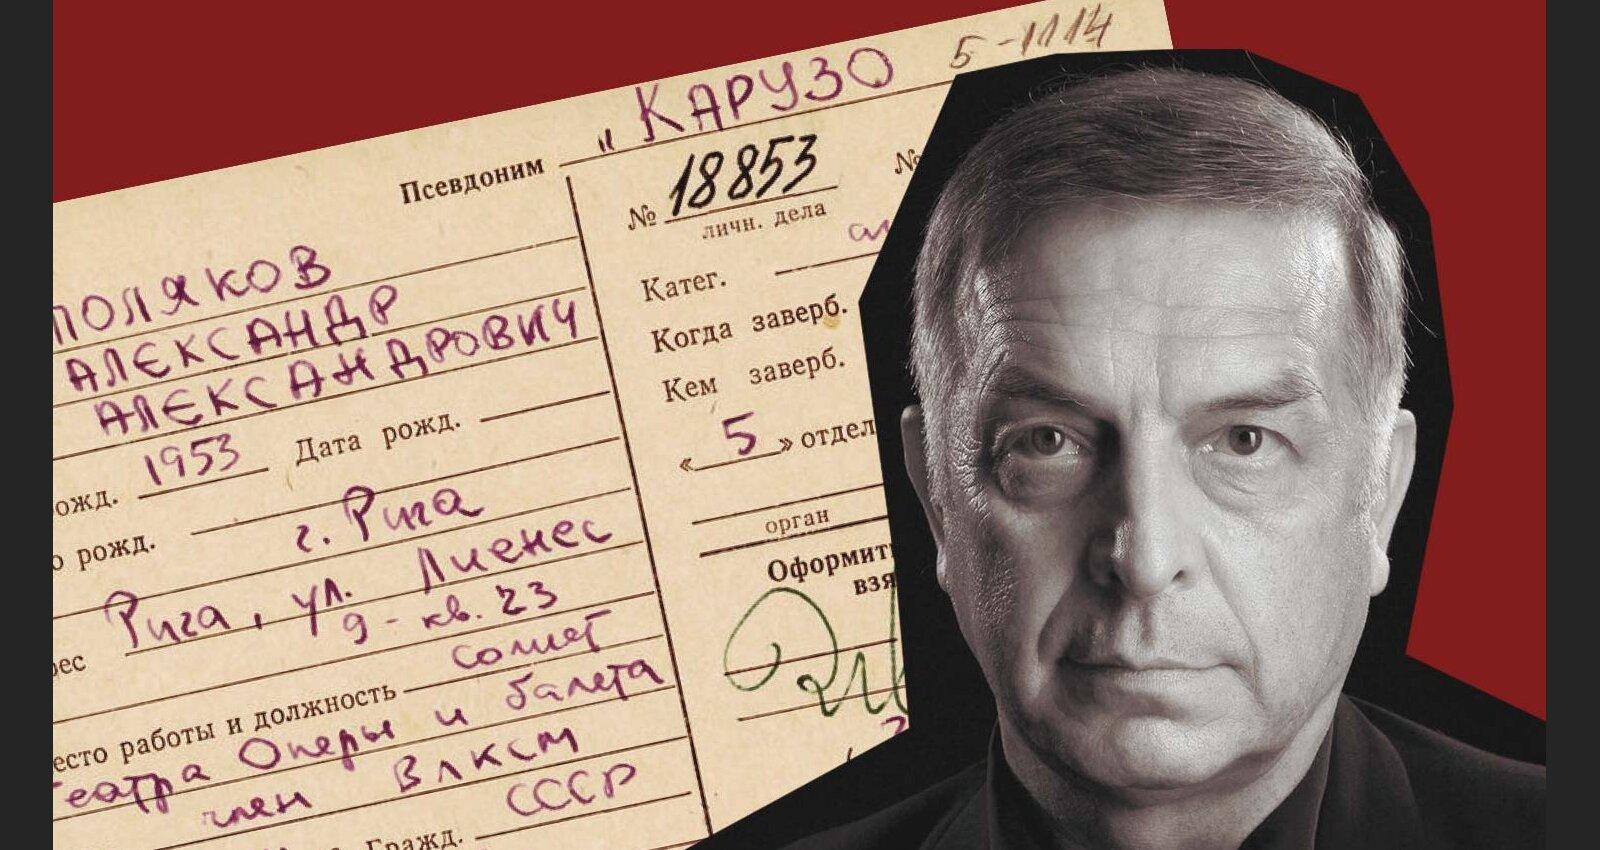 'Maisi vaļā': 'Karūzo' ziņo par draugiem no trimdas; operdziedonis Poļakovs: 'Kāds kārto rēķinus!'